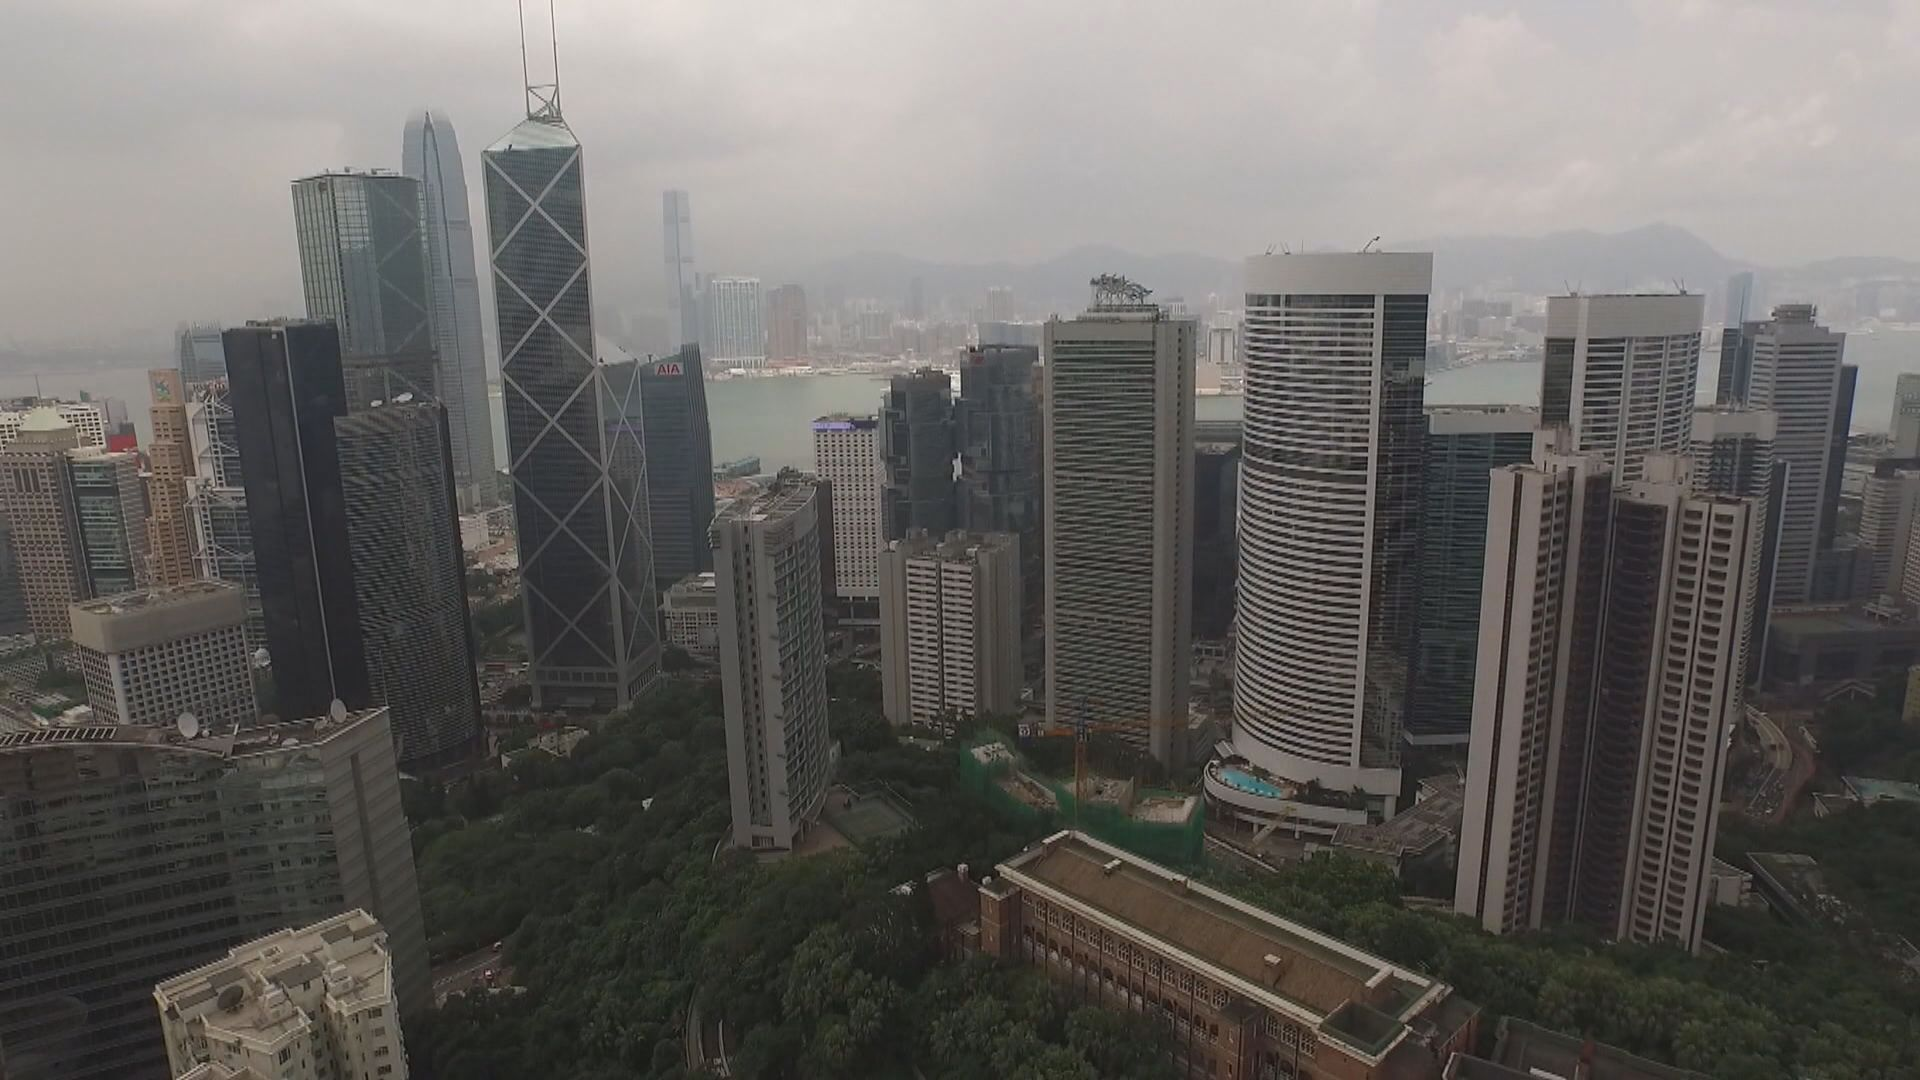 華爾街日報:香港與內地城市無異 美國傳統基金會不再予經濟自由度評級